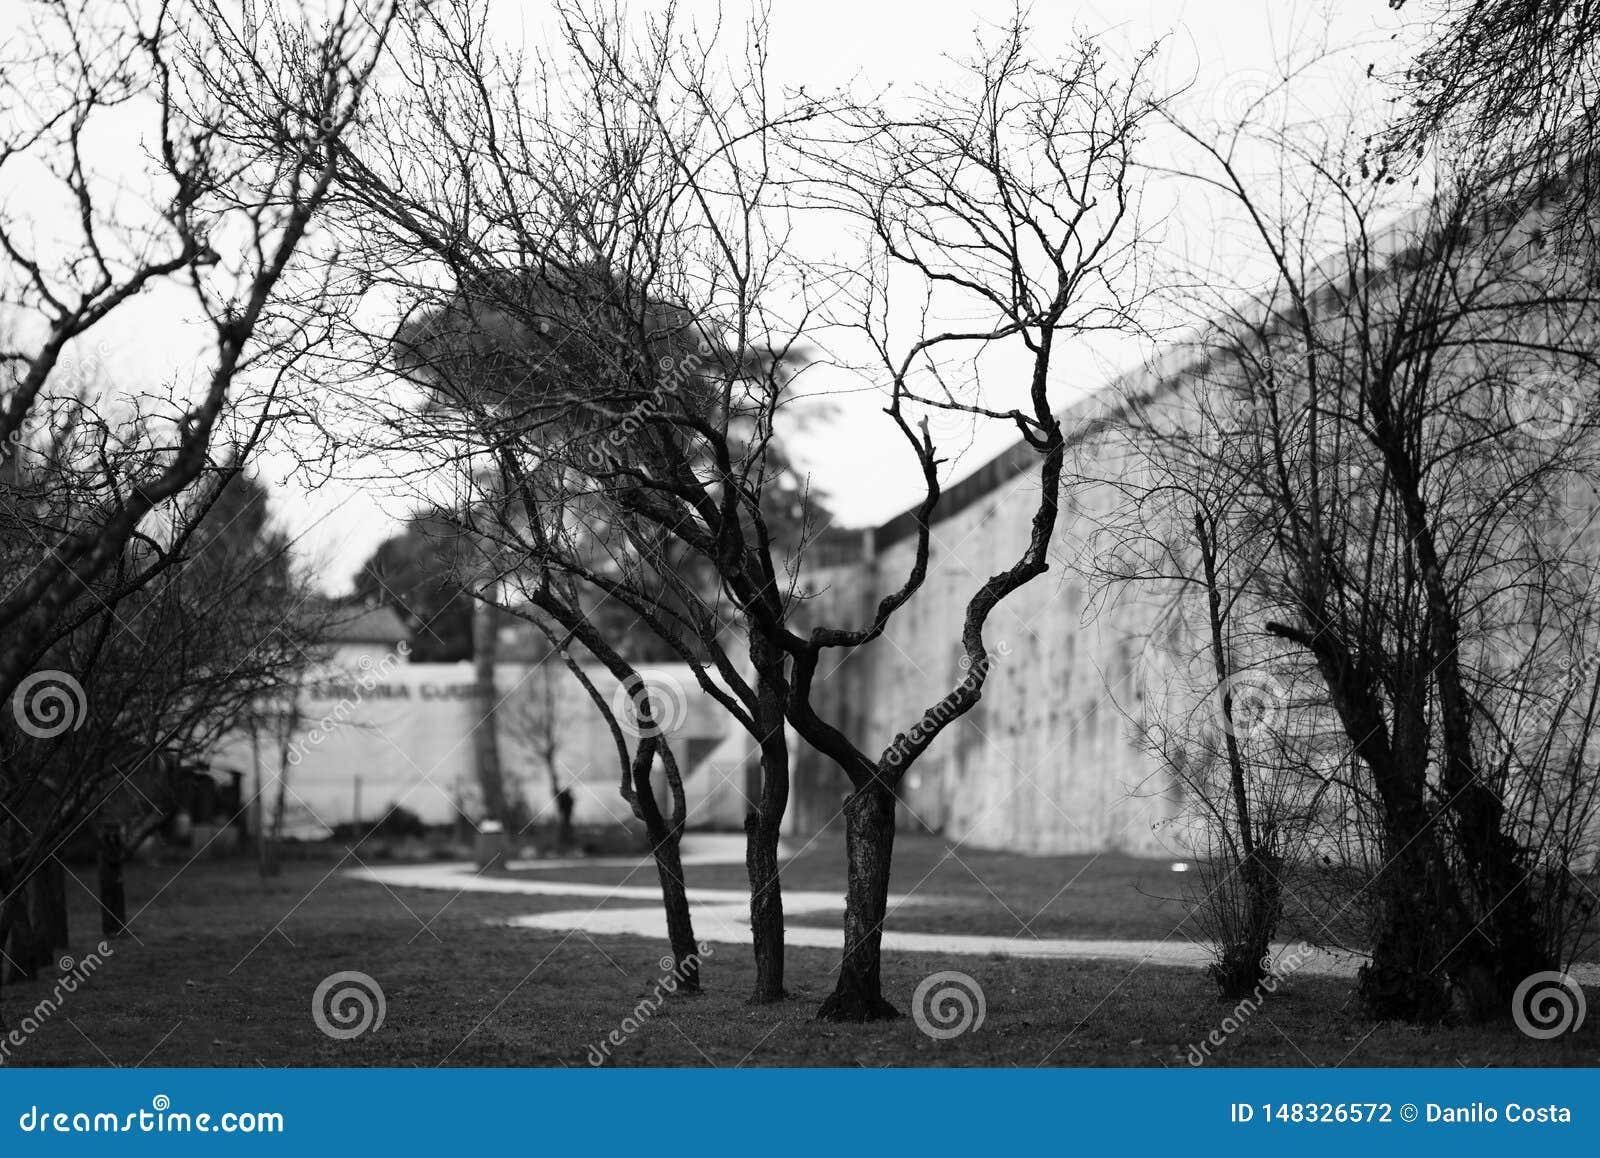 Paisagem preto e branco do inverno com árvores desencapadas